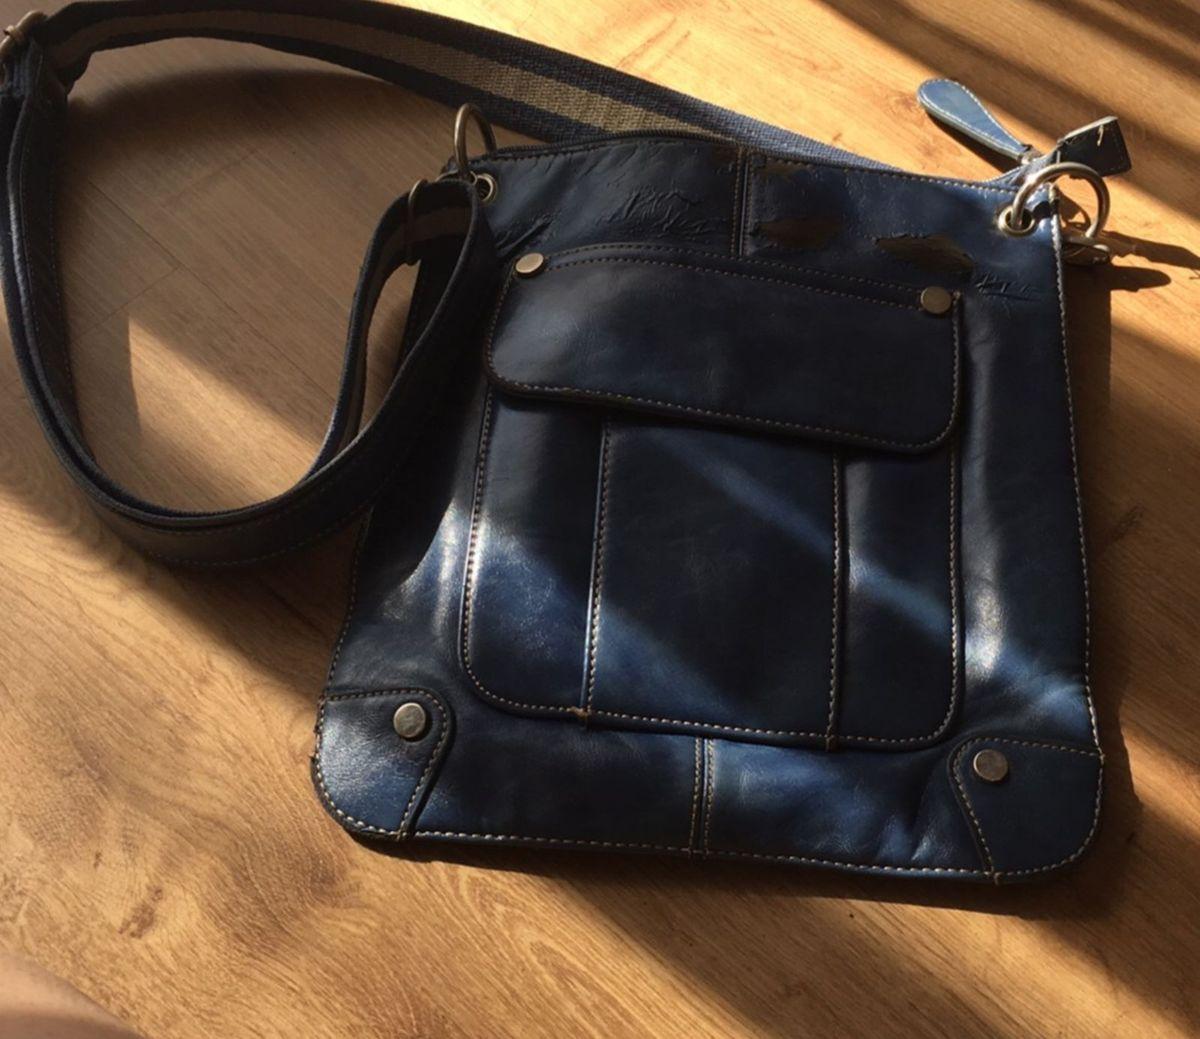 0e77a7442 Bolsa Transversal Retangular Azul | Bolsa de Ombro Feminina ...